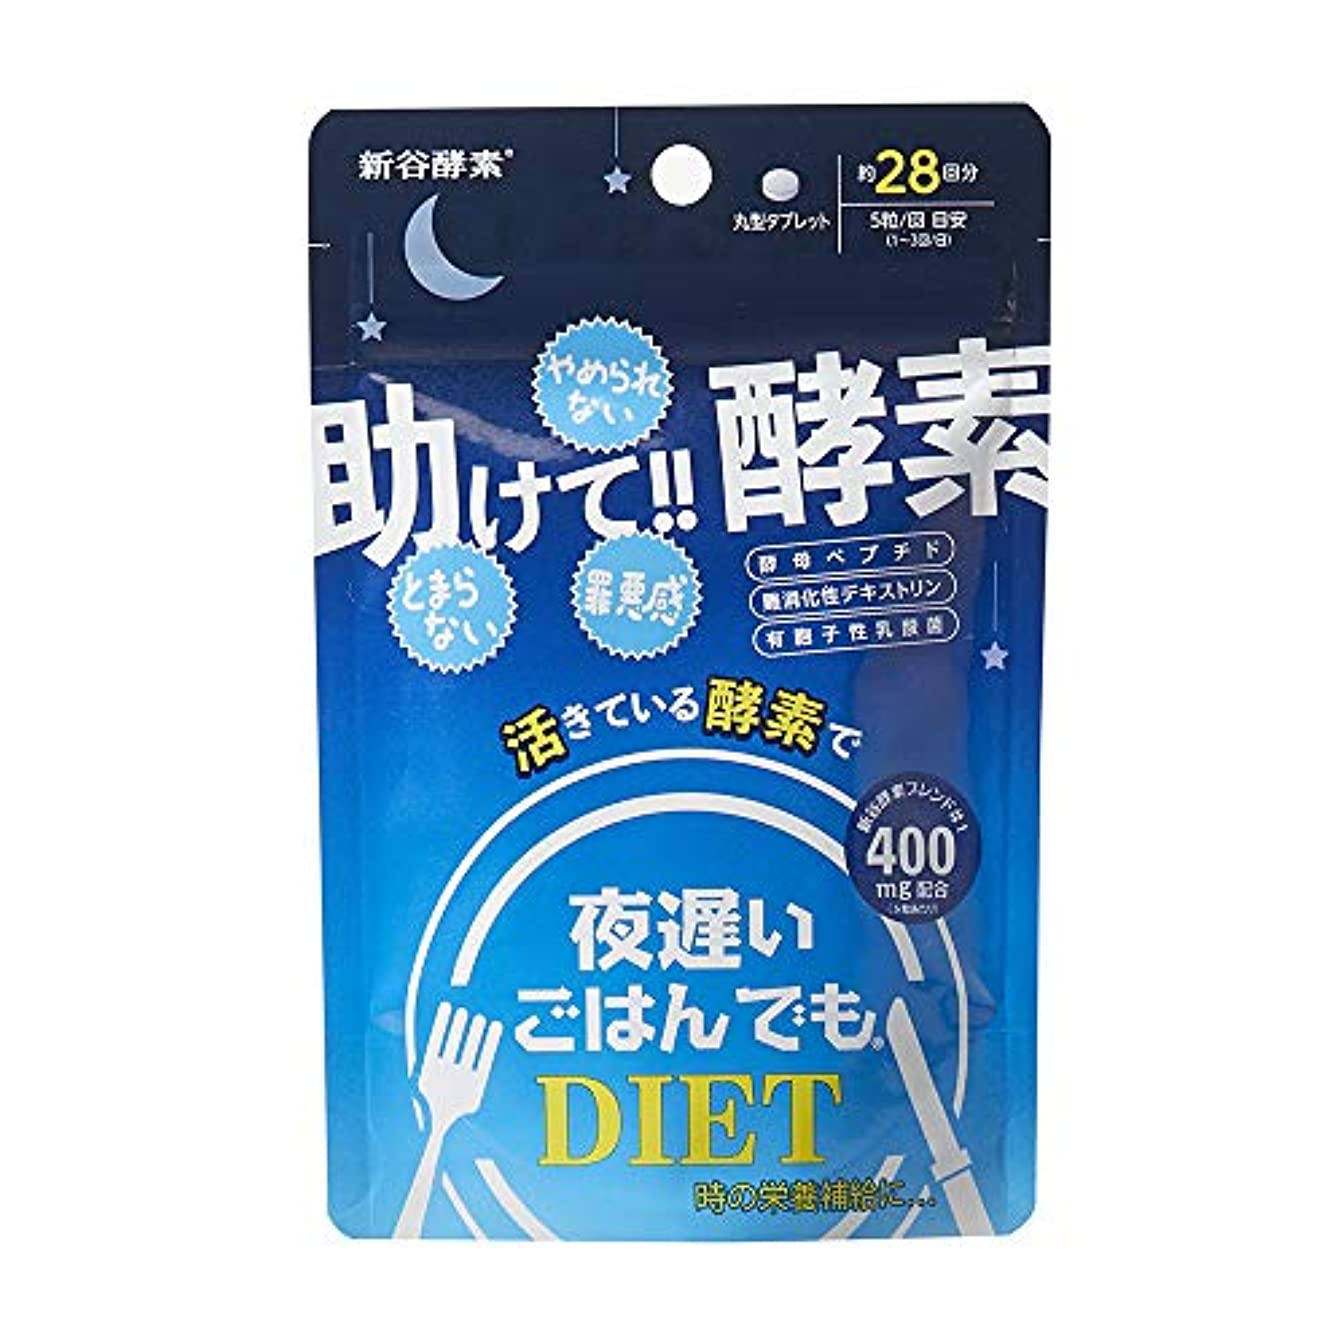 ミトン失敗抜粋新谷酵素 夜遅いごはんでも 助けて!! 酵素 (28回分)